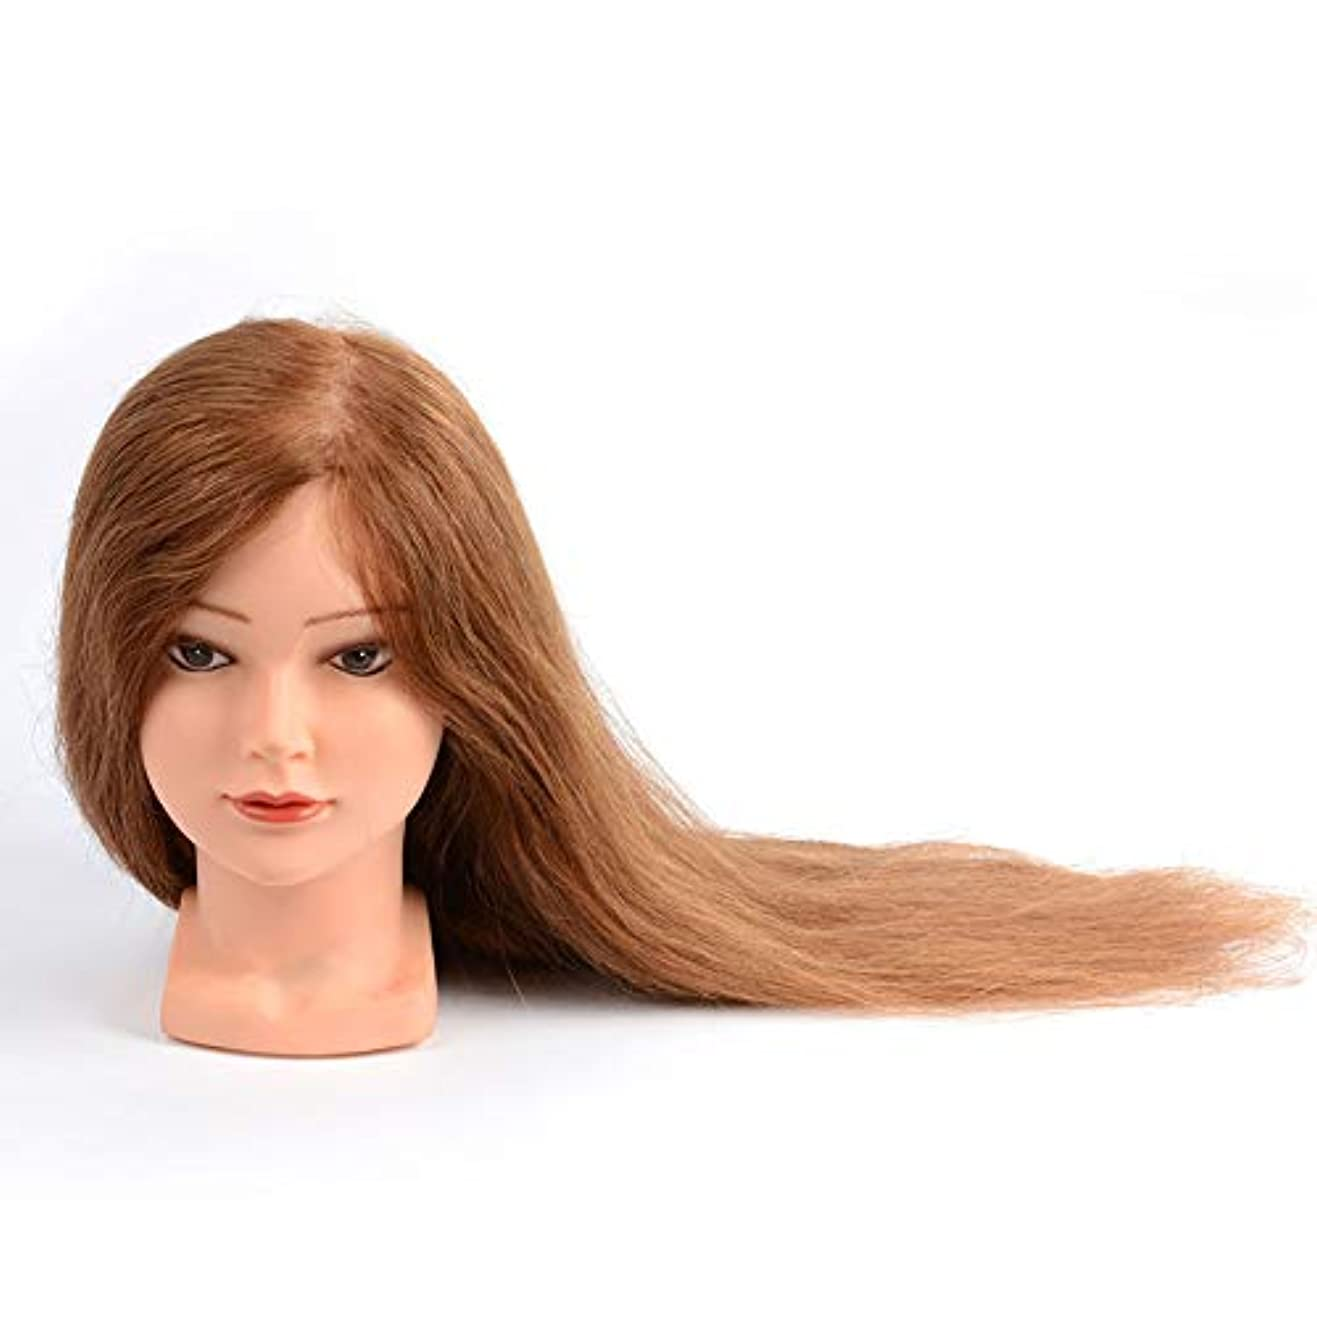 ライトニングブロック縞模様の実在の人の髪のダミーヘッド理髪店学習パーマ髪染めウィッグモデルヘッド花嫁メイクスタイル教育ヘッド